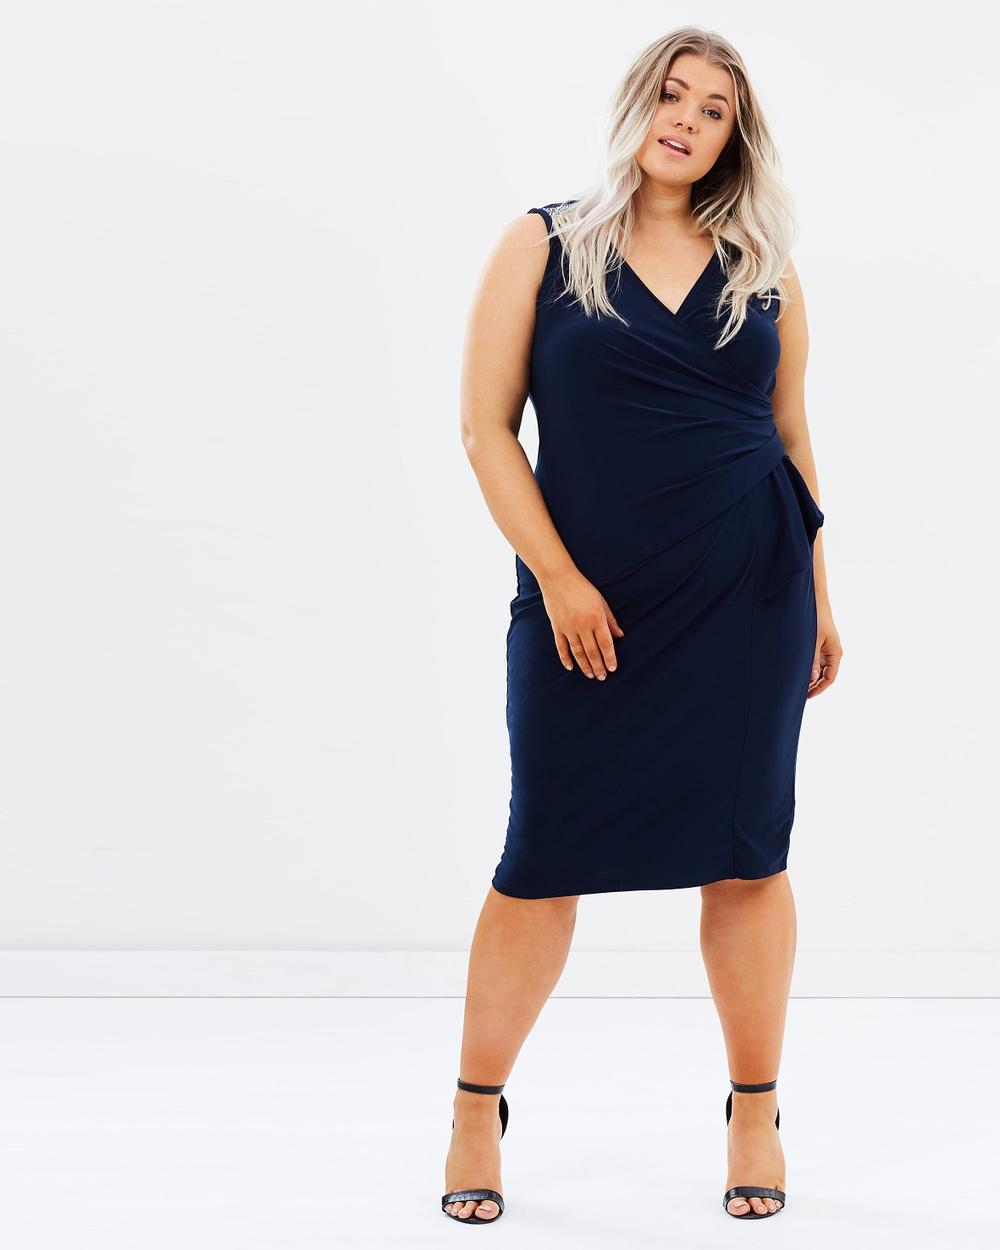 EVANS Sleeveless Wrap Dress With Diamante Detail Dresses Navy Sleeveless Wrap Dress With Diamante Detail